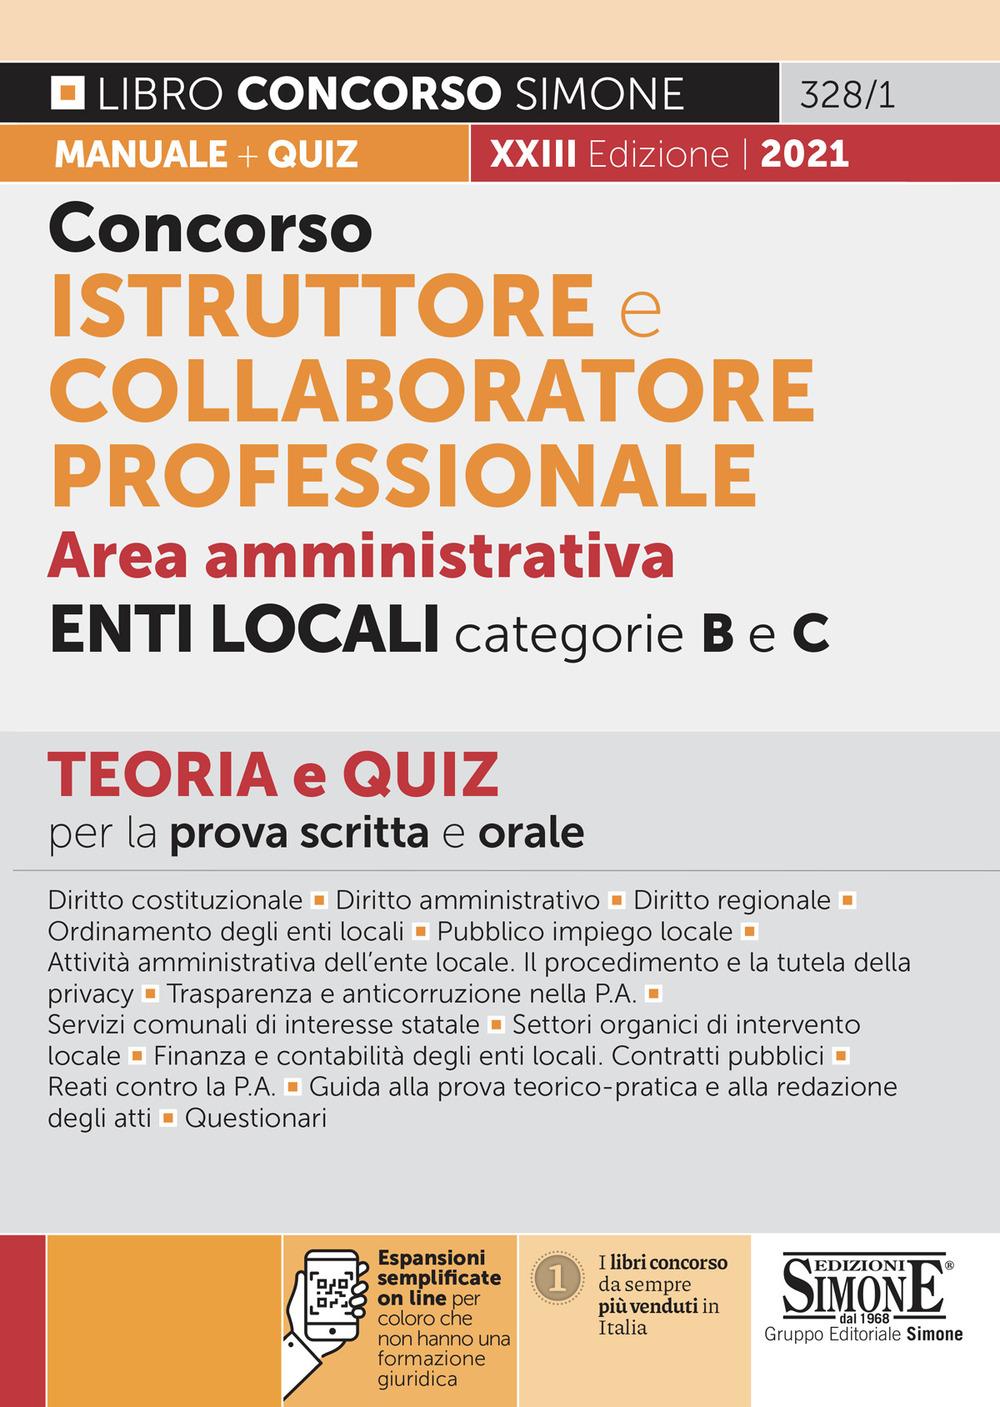 CONCORSO ISTRUTTORE E COLLABORATORE PROFESSIONALE Area Amministrativa Cat. B e C